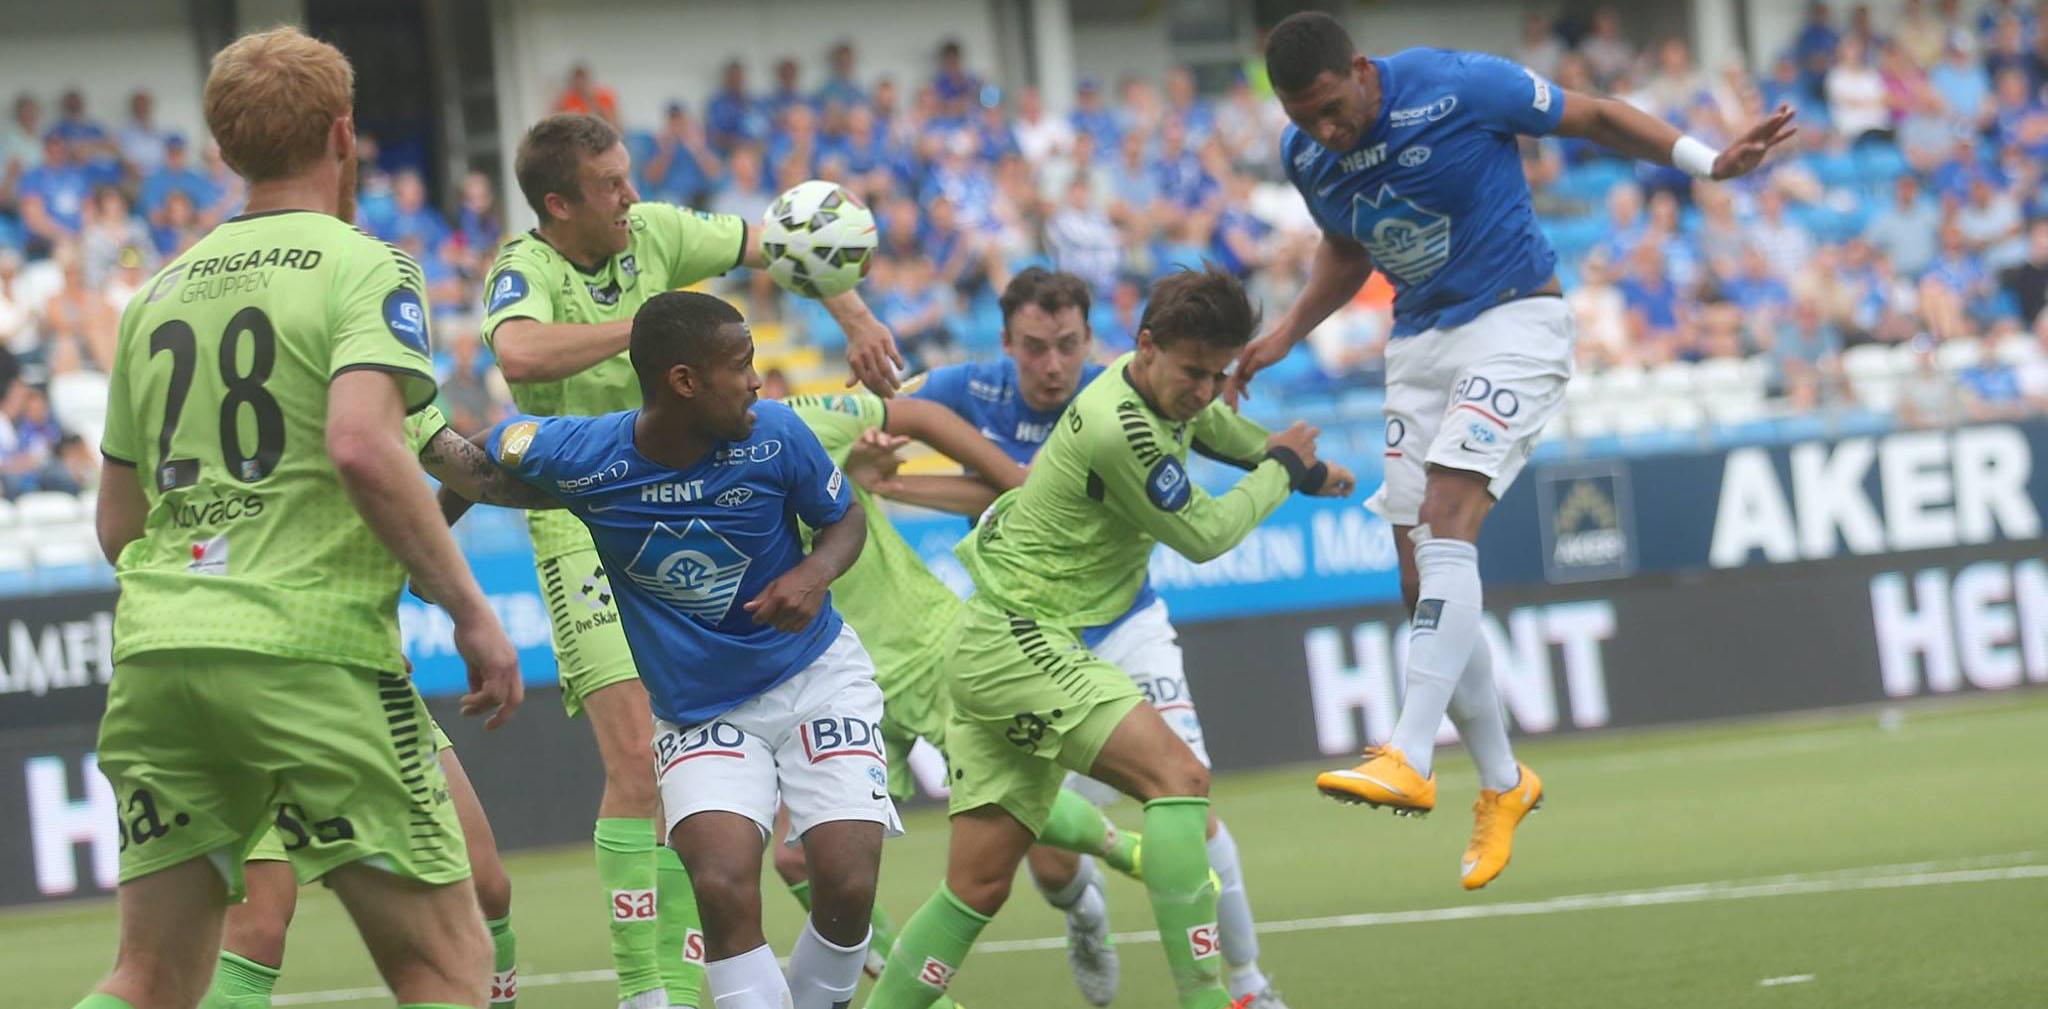 Eliteserien, Molde-Valerenga domenica 8 luglio: analisi e pronostico della 16ma giornata del massimo torneo norvegese